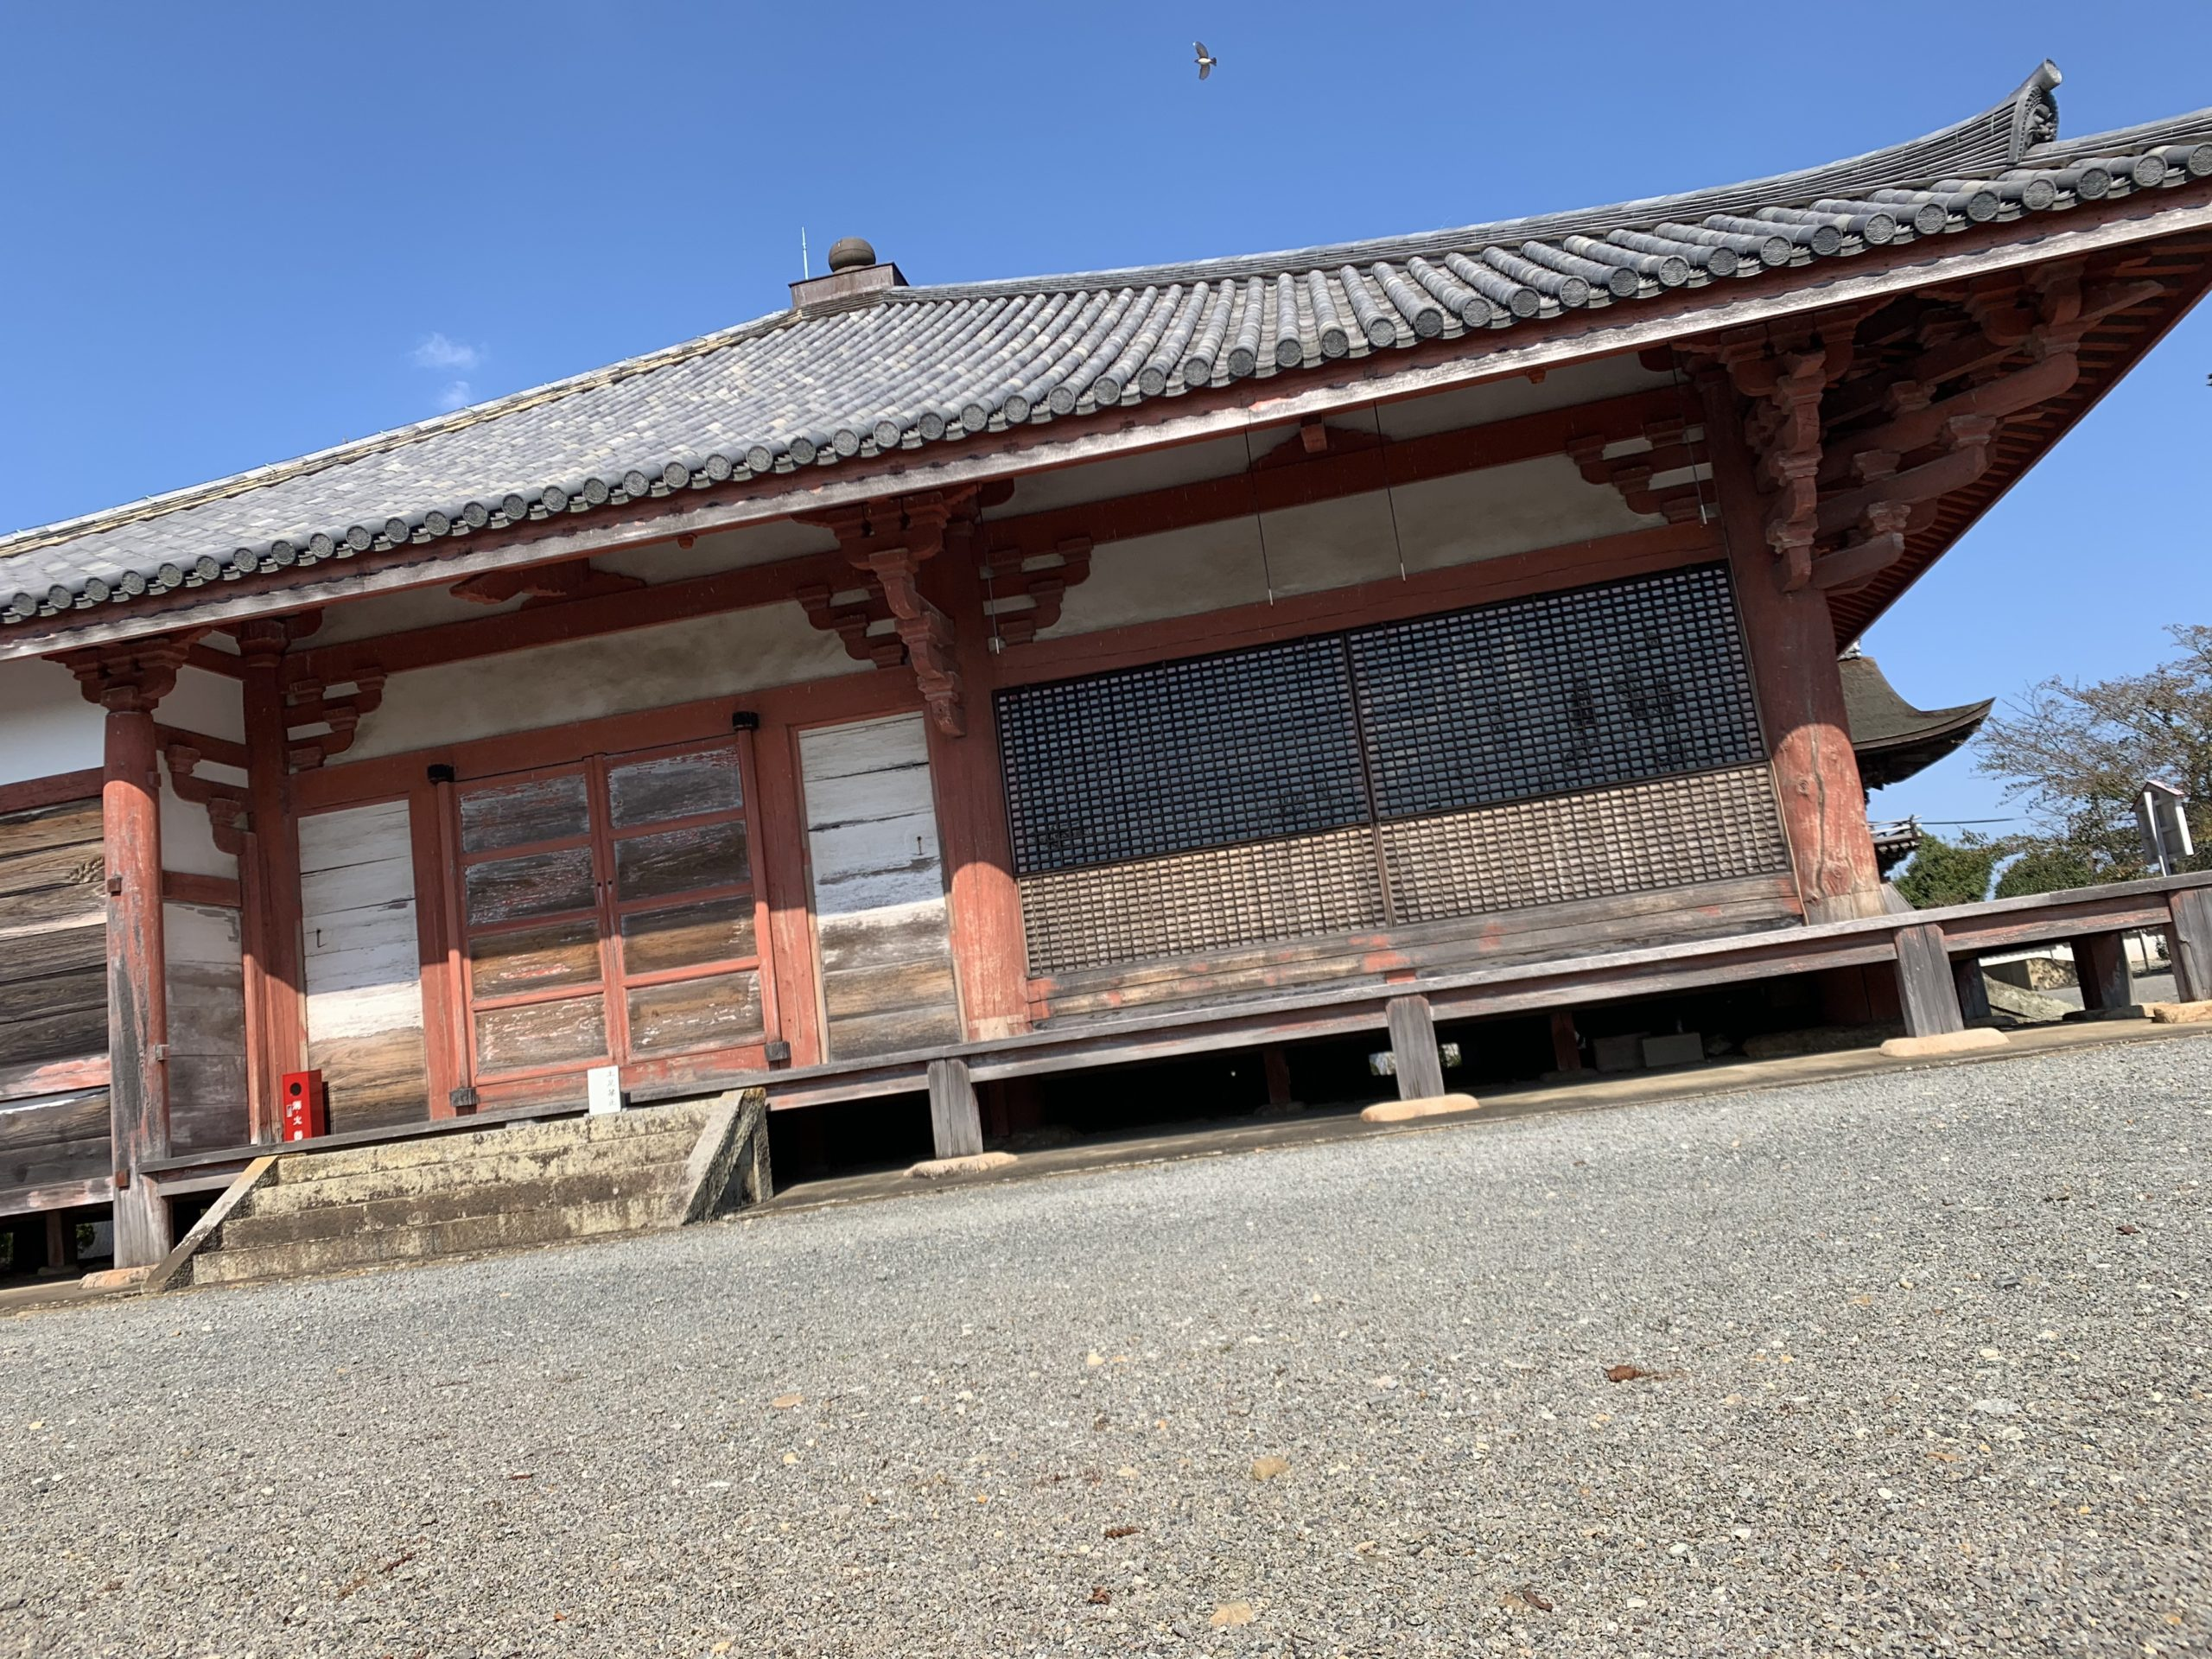 そうだ!これが待ち望んでいた浄土寺の浄土堂だ